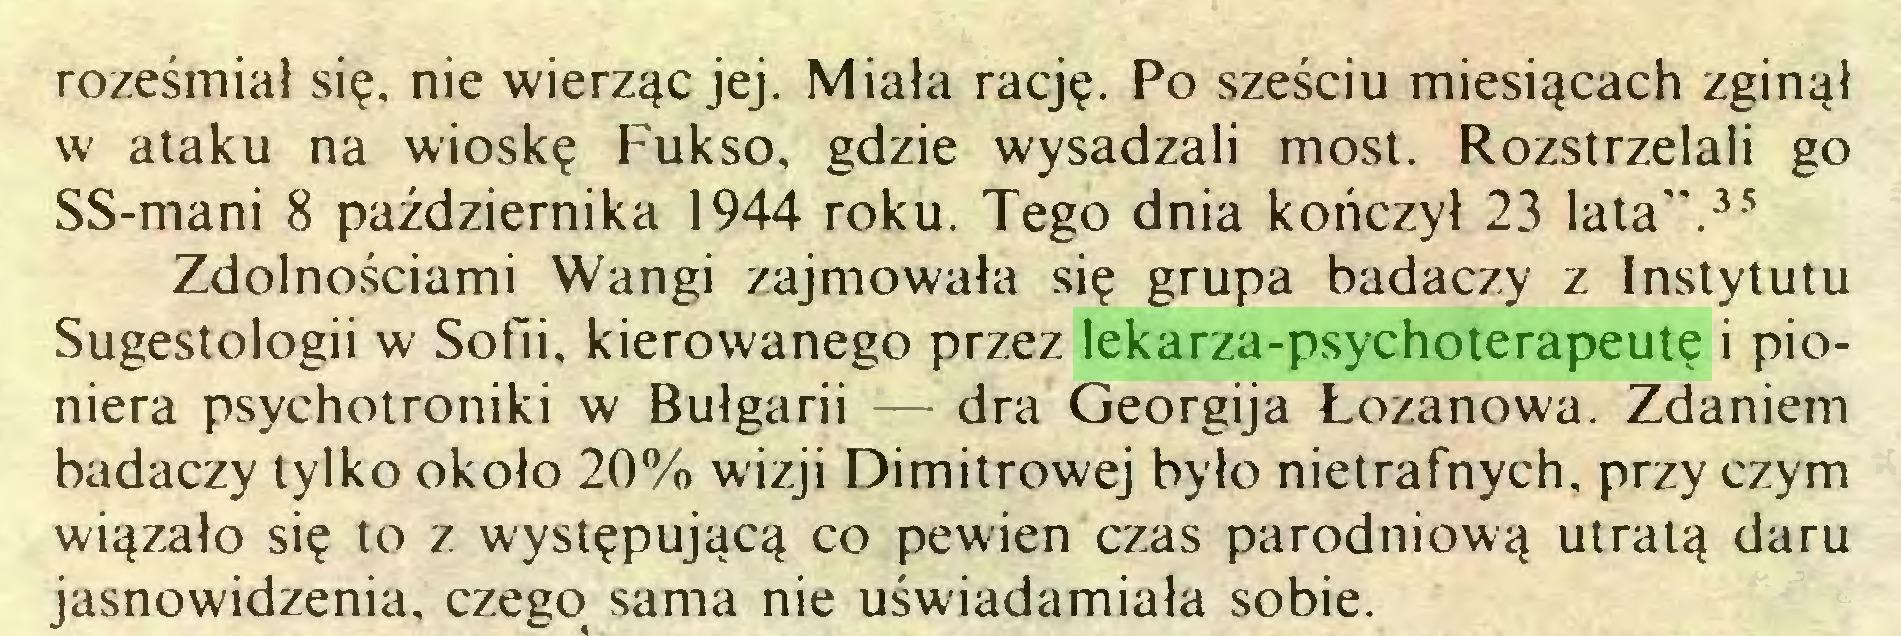 """(...) roześmiał się, nie wierząc jej. Miała rację. Po sześciu miesiącach zginął w ataku na wioskę Fukso, gdzie wysadzali most. Rozstrzelali go SS-mani 8 października 1944 roku. Tego dnia kończył 23 lata"""".35 Zdolnościami Wangi zajmowała się grupa badaczy z Instytutu Sugestologii w Sofii, kierowanego przez lekarza-psychoterapeutę i pioniera psychotroniki w Bułgarii — dra Georgija Łozanowa. Zdaniem badaczy tylko około 20% wizji Dimitrowej było nietrafnych, przy czym wiązało się to z występującą co pewien czas parodniową utratą daru jasnowidzenia, czego sama nie uświadamiała sobie..."""